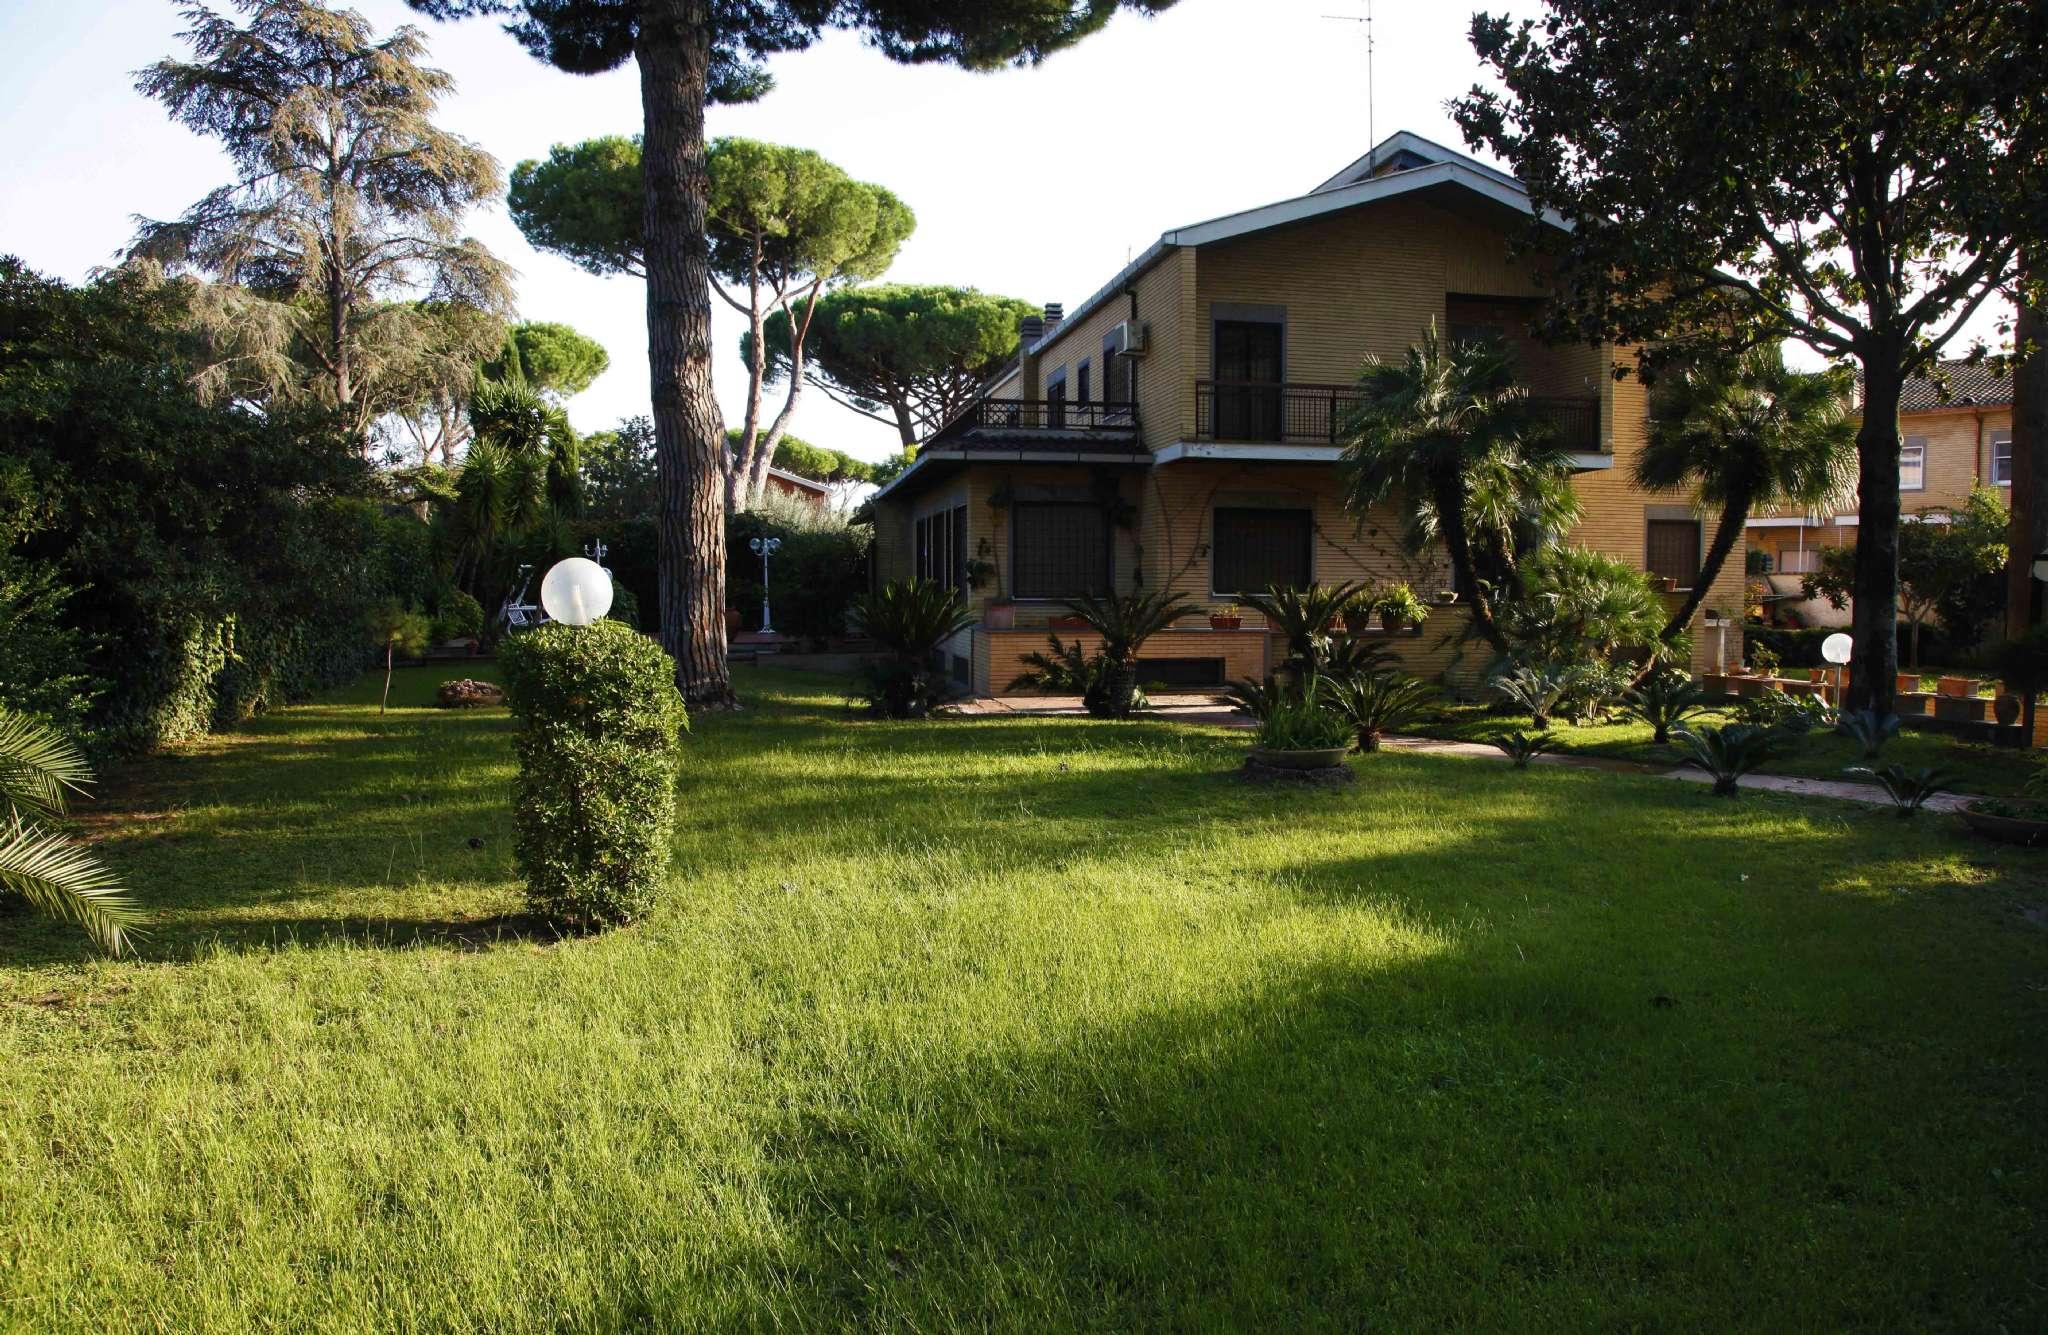 Villa Bifamiliare in vendita a Roma, 10 locali, zona Zona: 38 . Acilia, Vitinia, Infernetto, Axa, Casal Palocco, Madonnetta, prezzo € 900.000 | CambioCasa.it